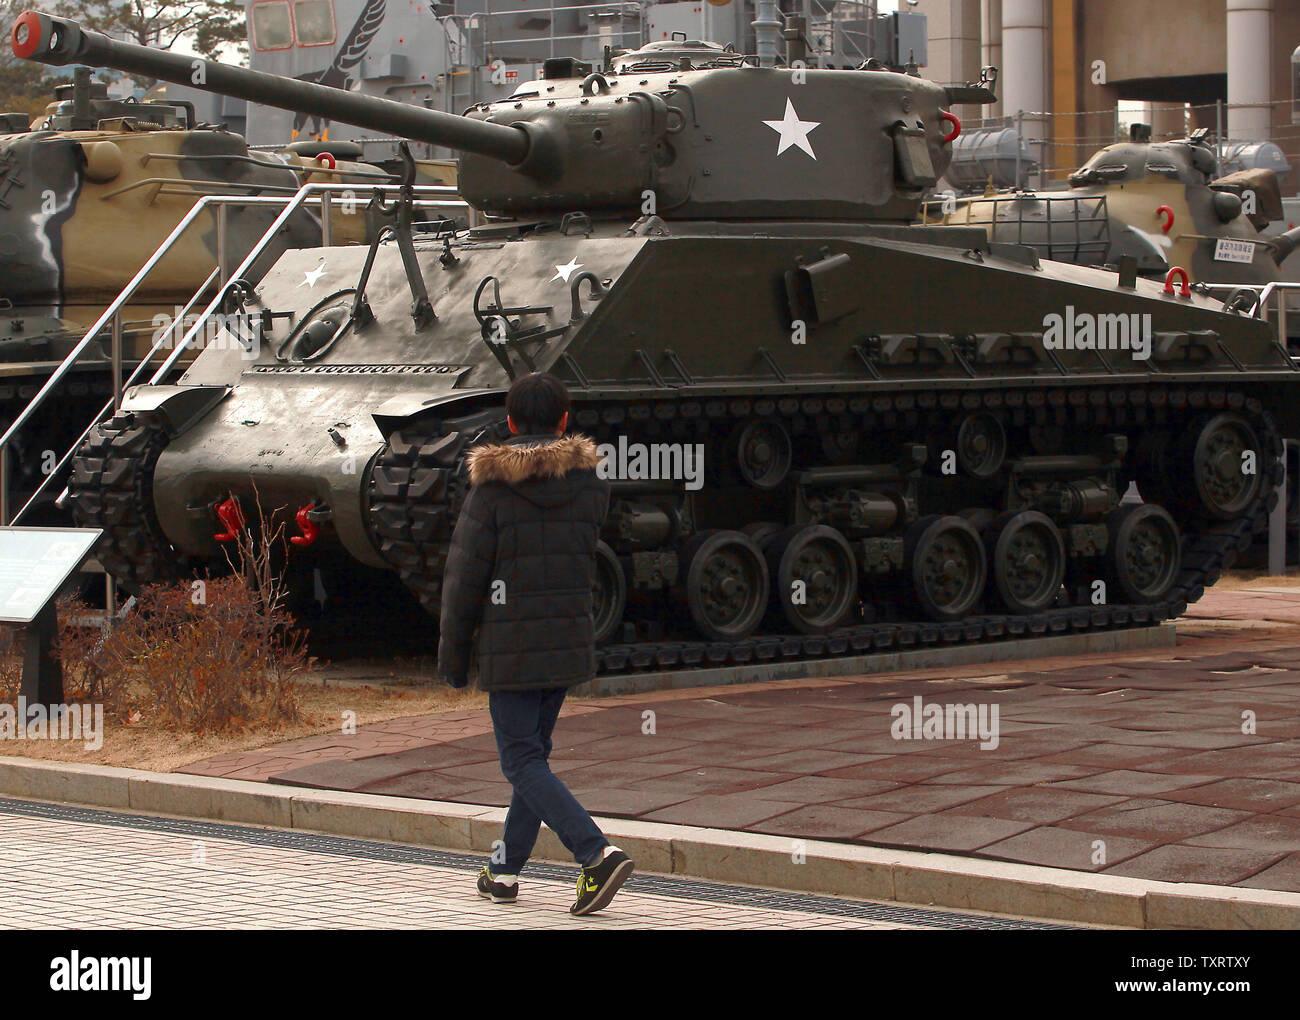 """Une marche de la Corée du Sud par un char Sherman exposé au Mémorial de la guerre de Corée à Séoul le 28 janvier 2013. La Corée du Nord a déclaré la semaine dernière qu'il prévoit de mener un nouvel essai nucléaire et plus de lancements de fusées à longue portée, qui a dit qu'il font partie d'une nouvelle phase de confrontation avec les États-Unis. La Corée du Nord a également mis en garde contre la possibilité d'fortement contre-mesures physiques"""" contre la Corée du Sud s'ils prennent en charge des sanctions de l'ONU. UPI/Stephen Shaver Banque D'Images"""